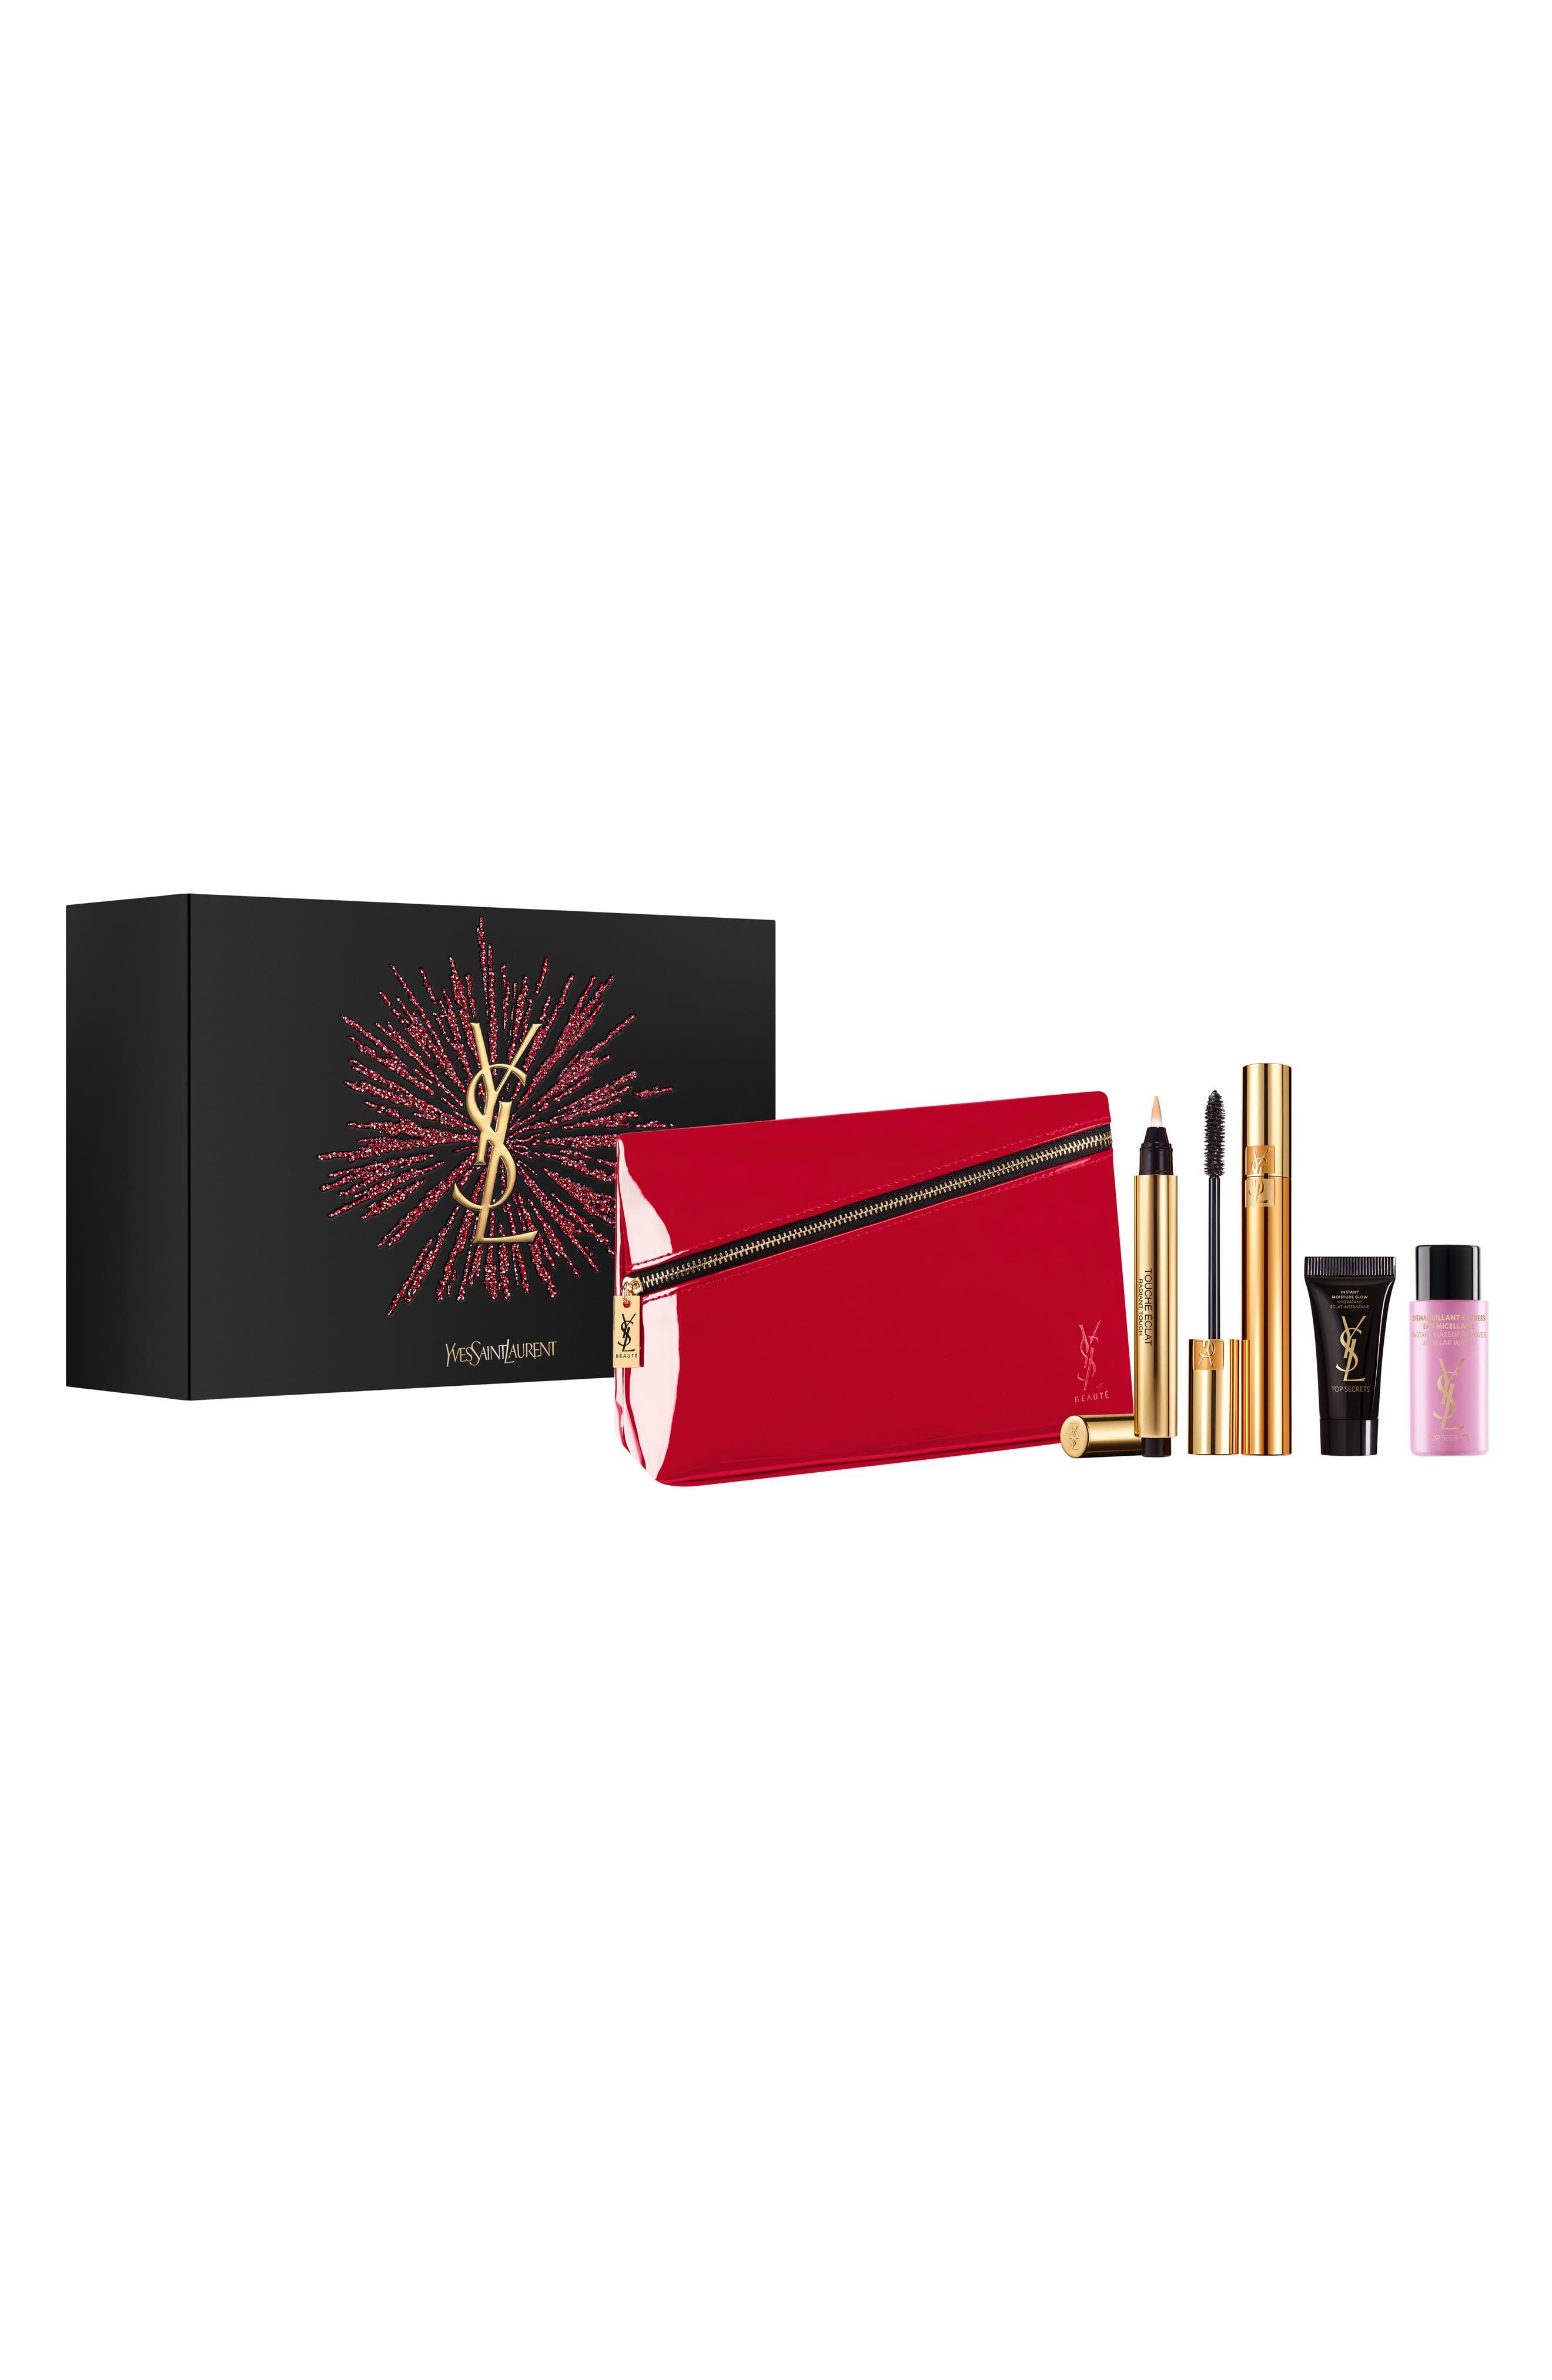 Yves Saint Laurent Makeup Essentials Set ($96 Value)